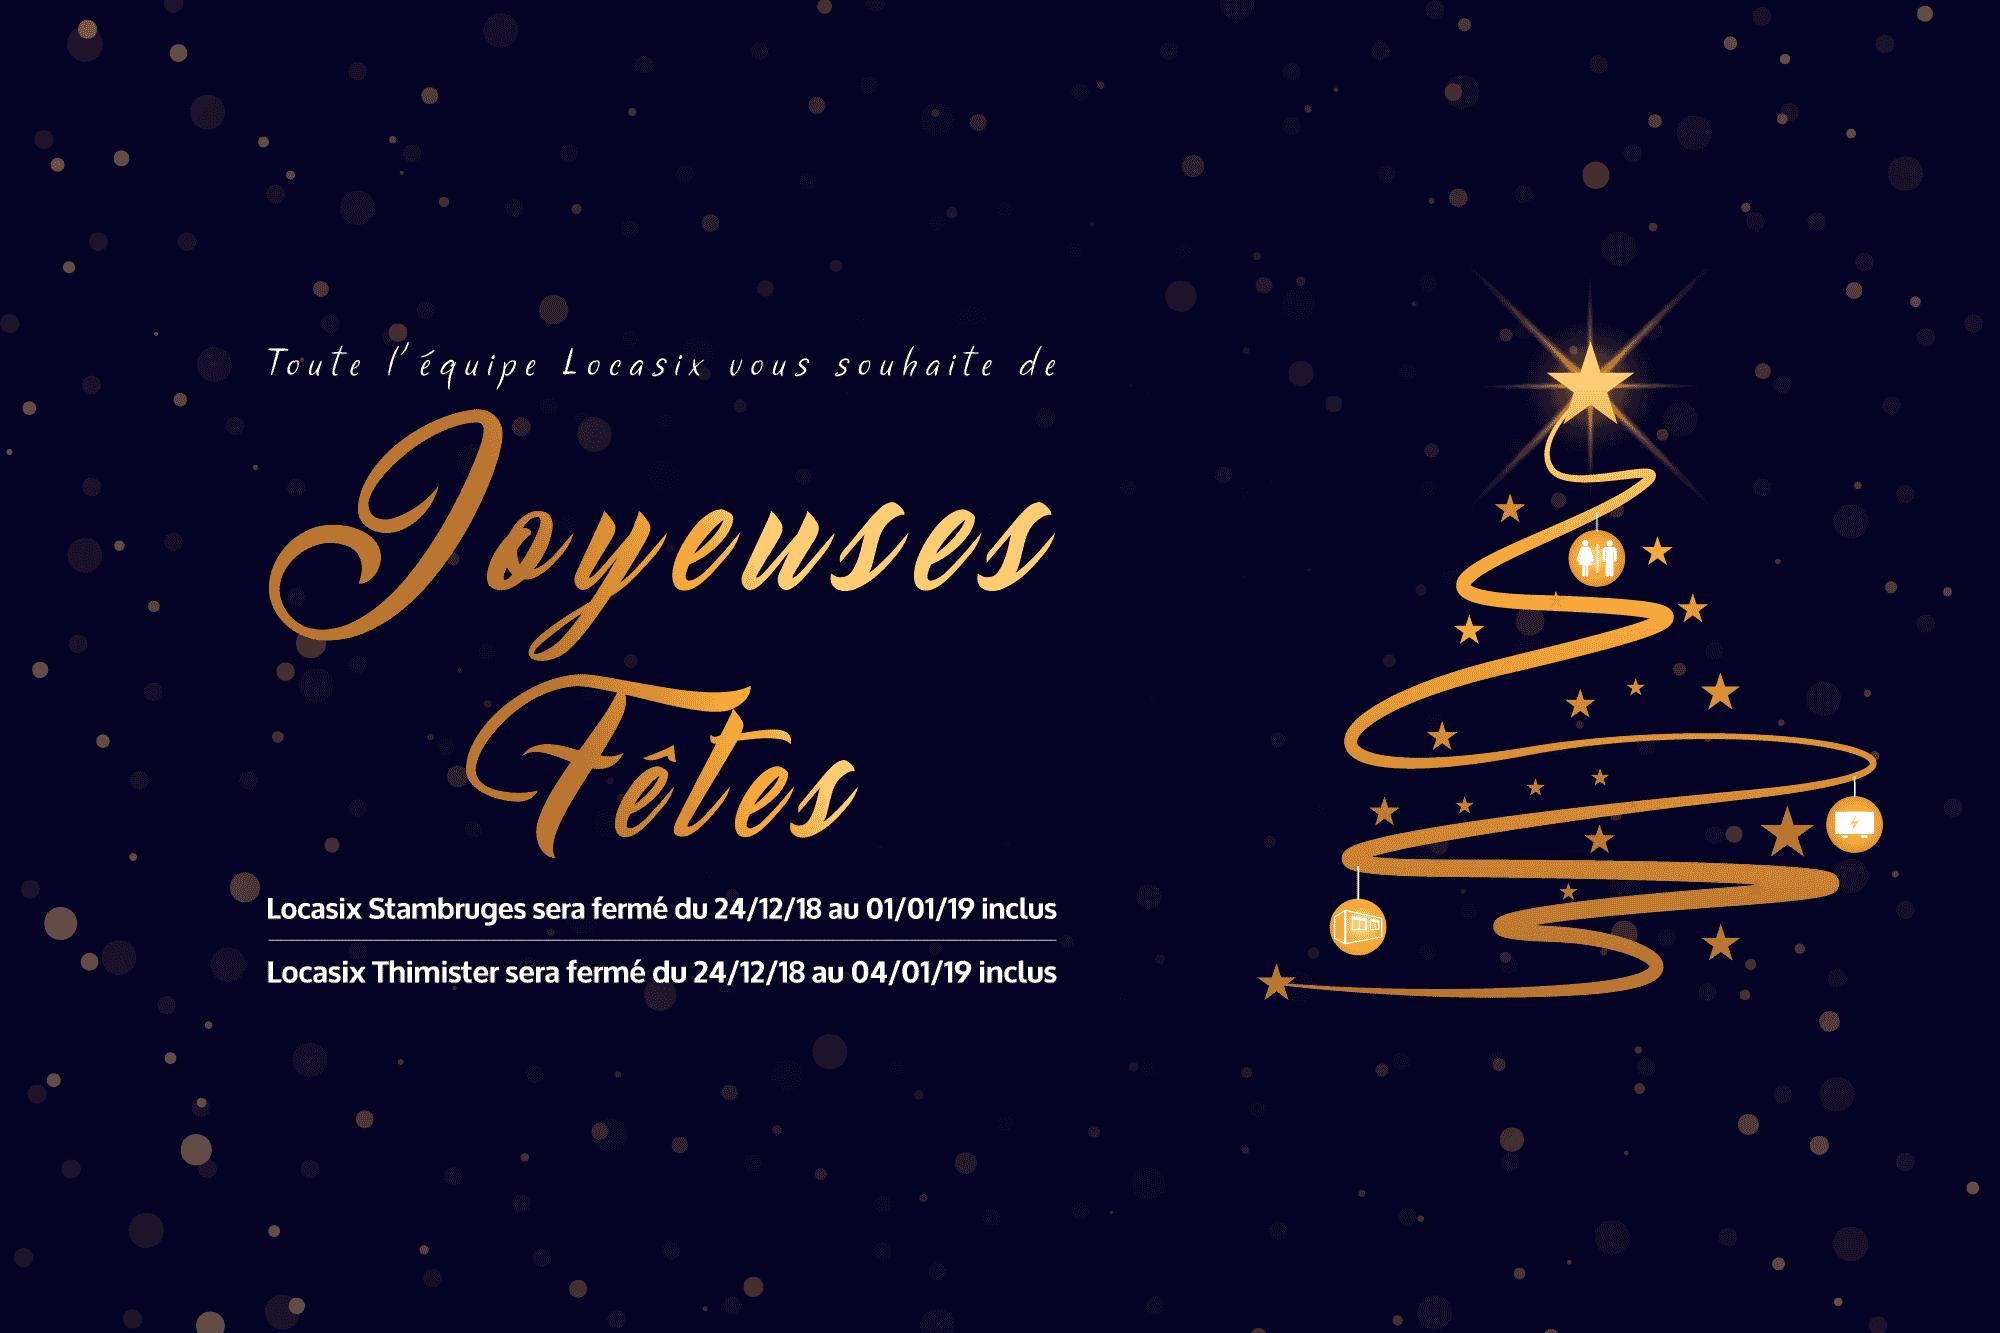 Locasix vous souhaite de joyeuses fêtes